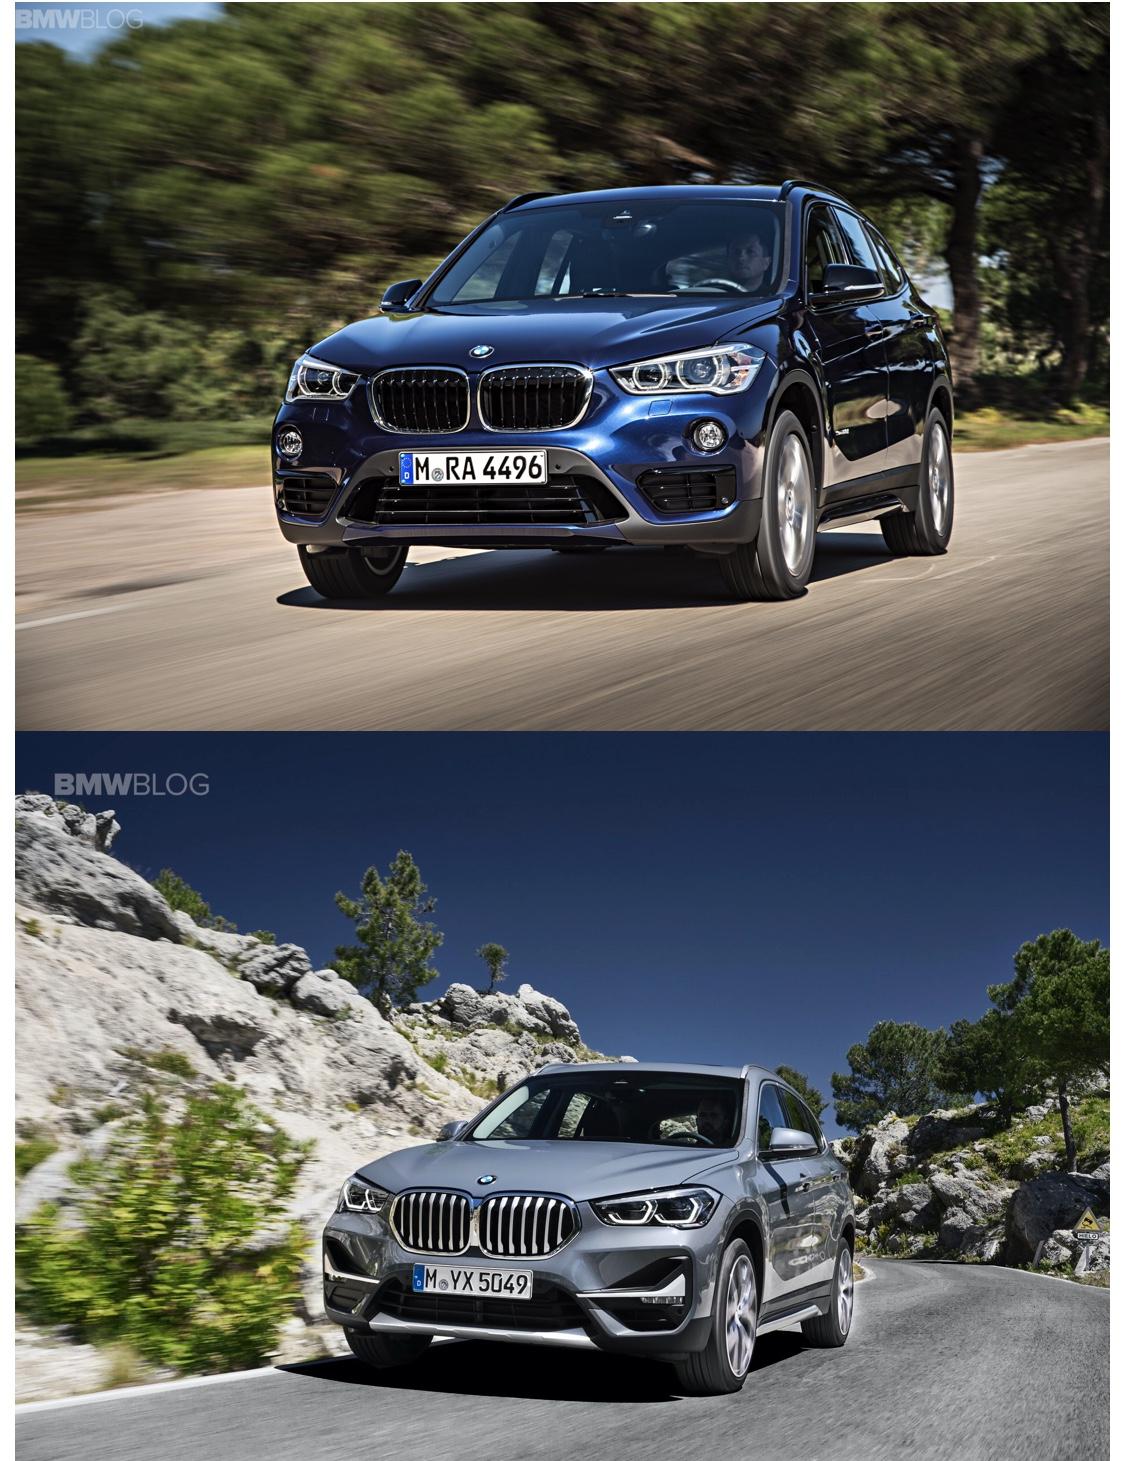 new BMW x1 old bmw x1